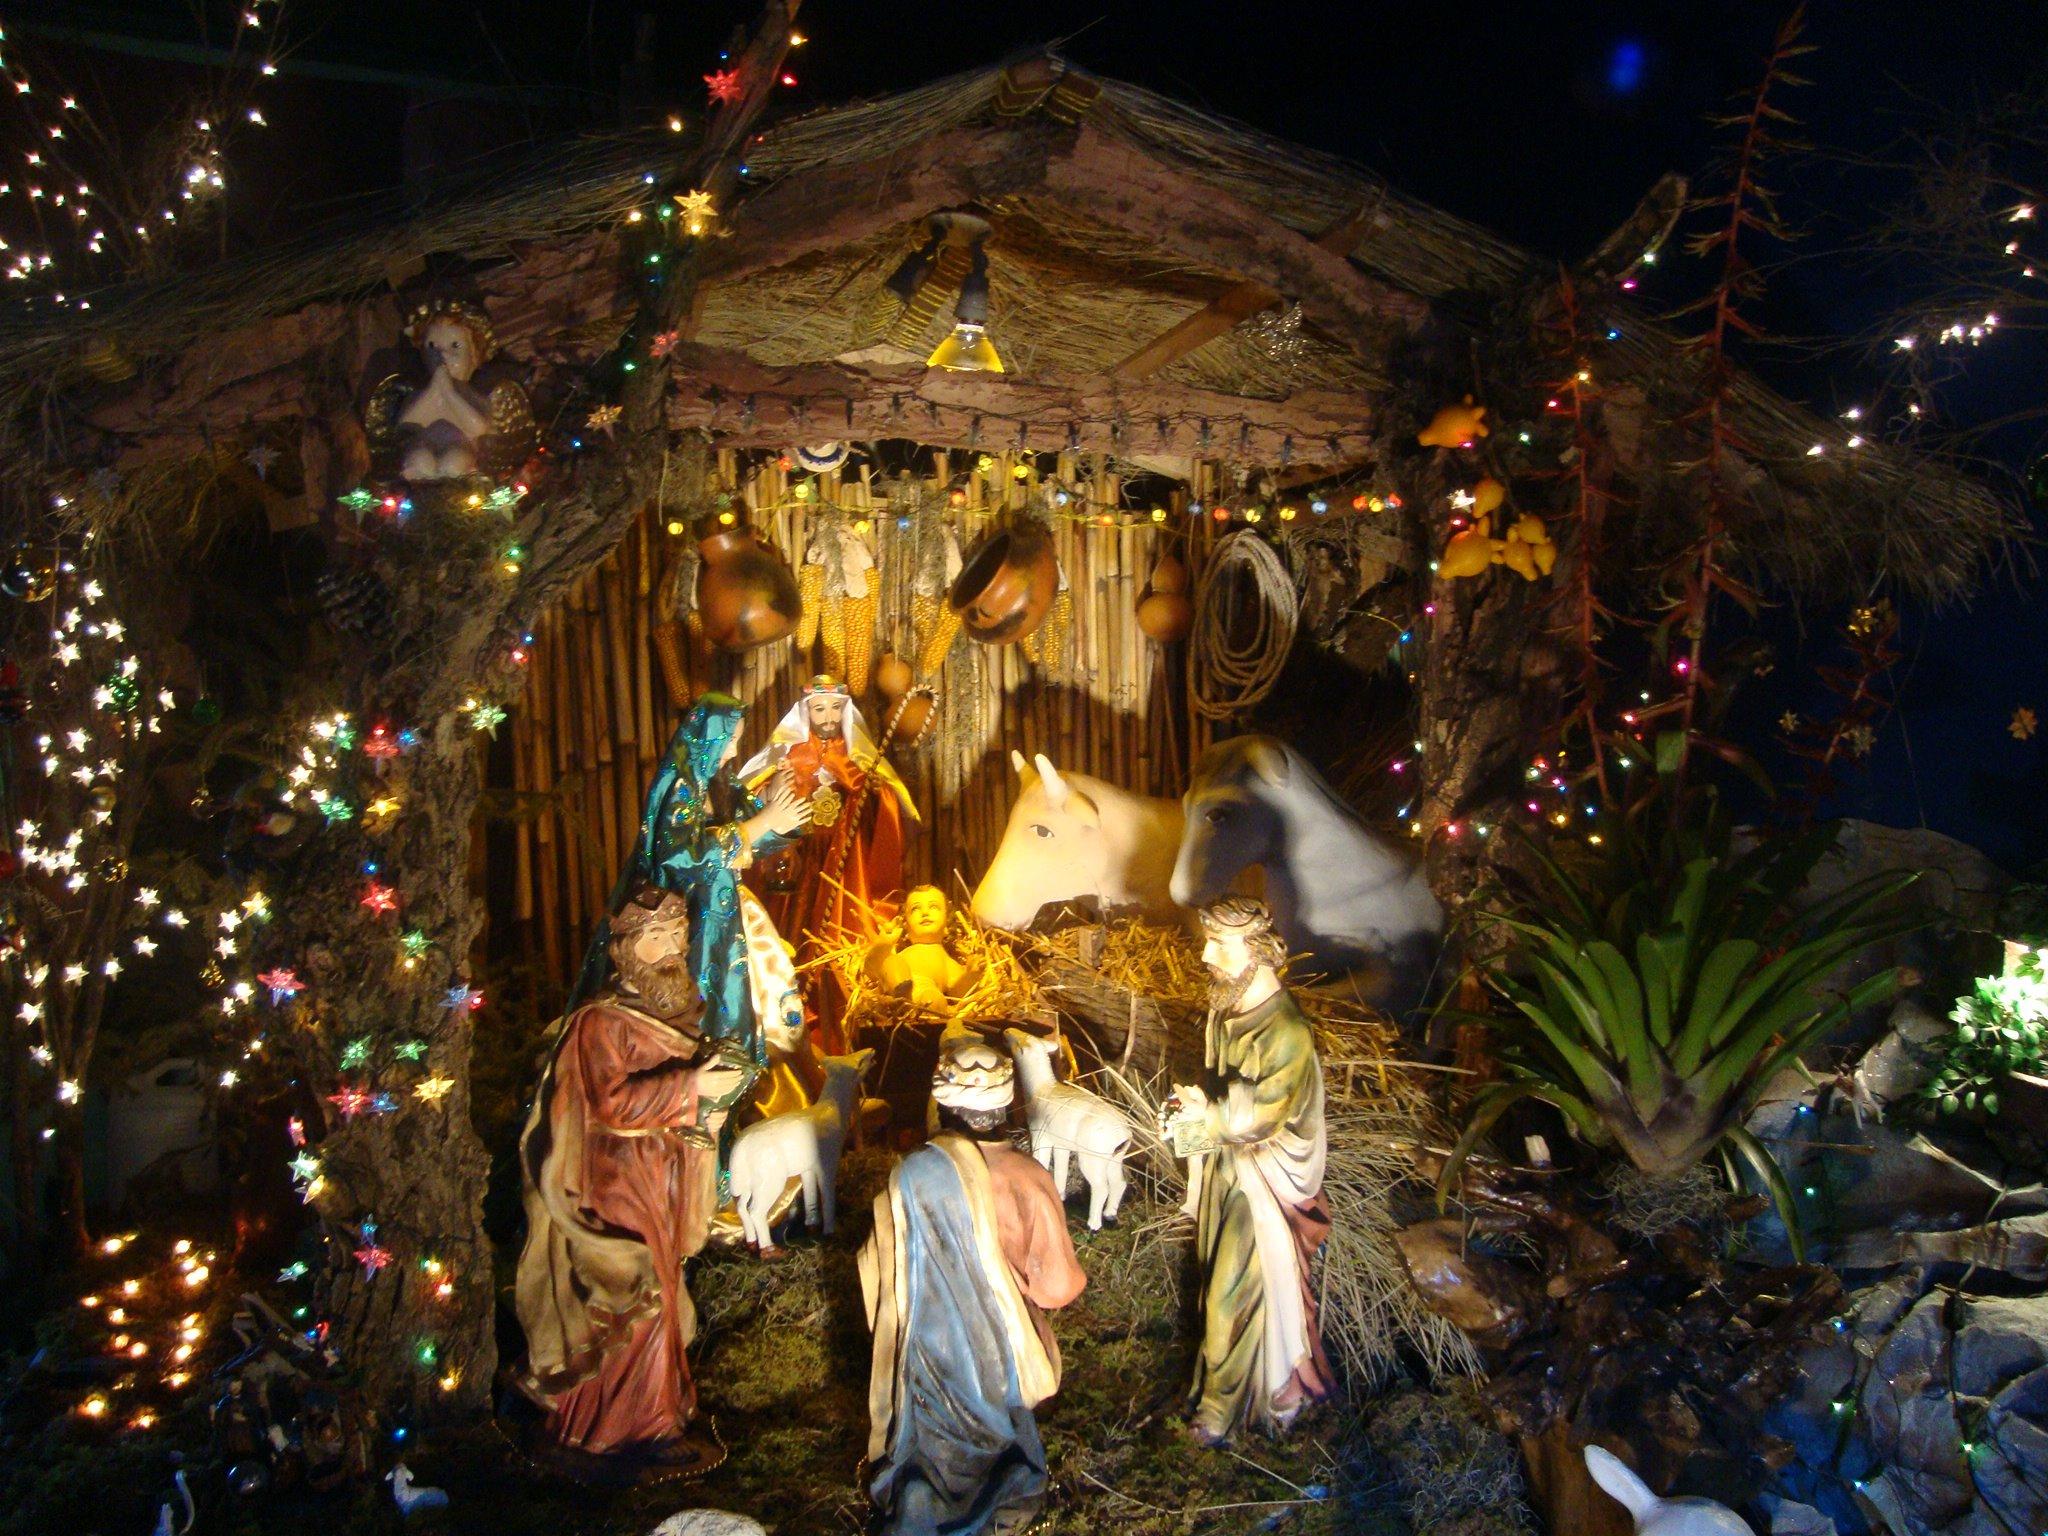 la tradici243n de los nacimientos navide241os solo lo mejor